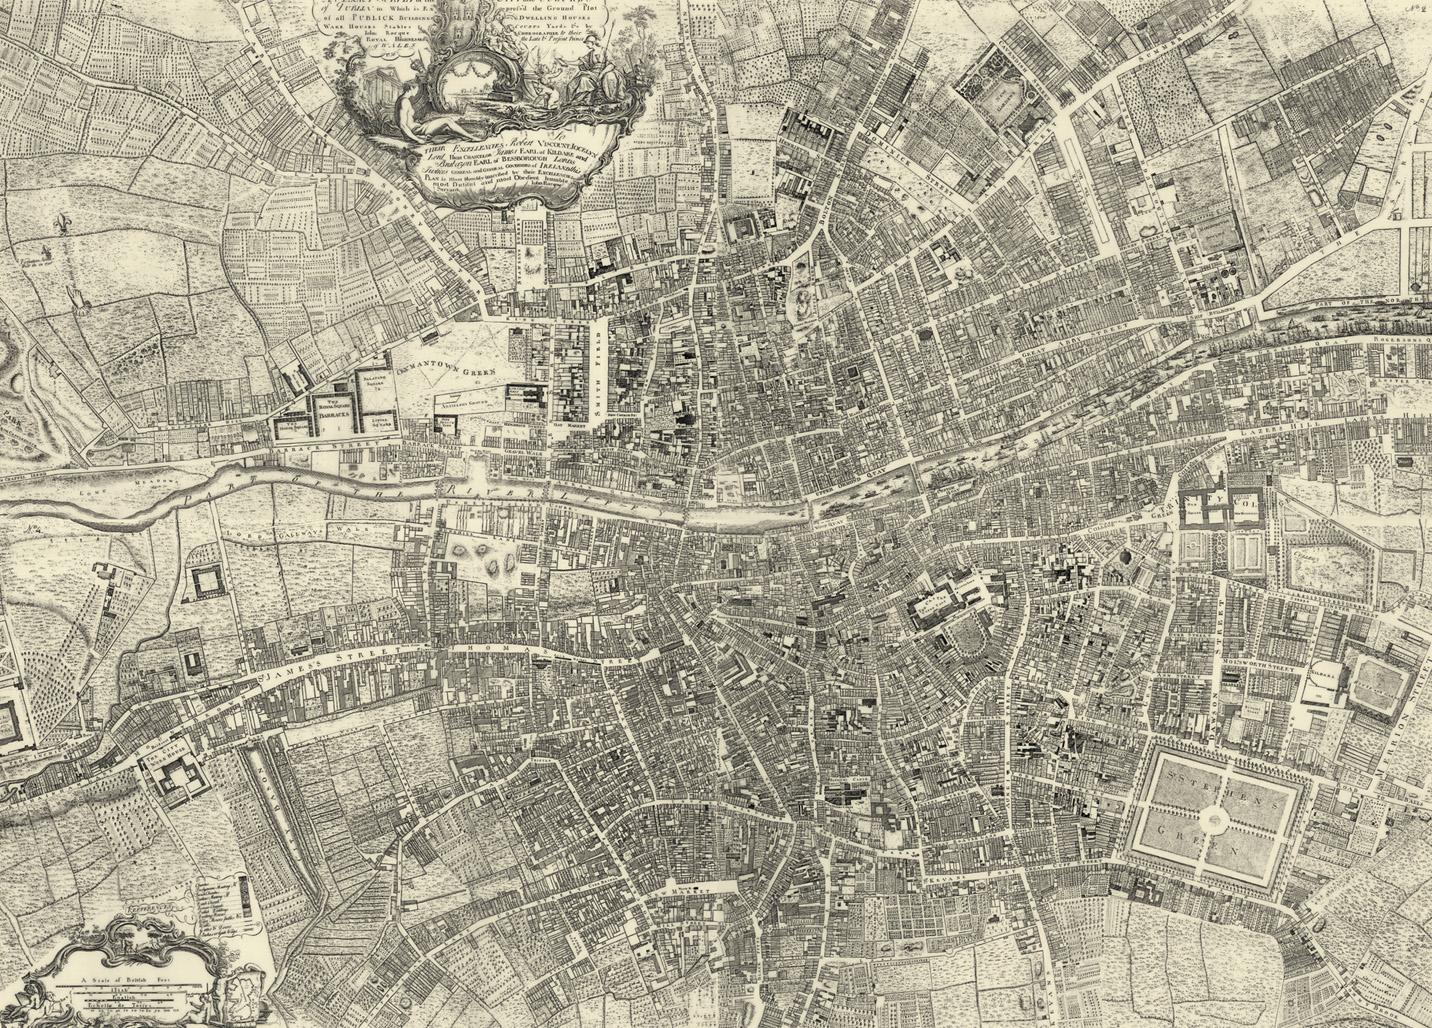 1756 map